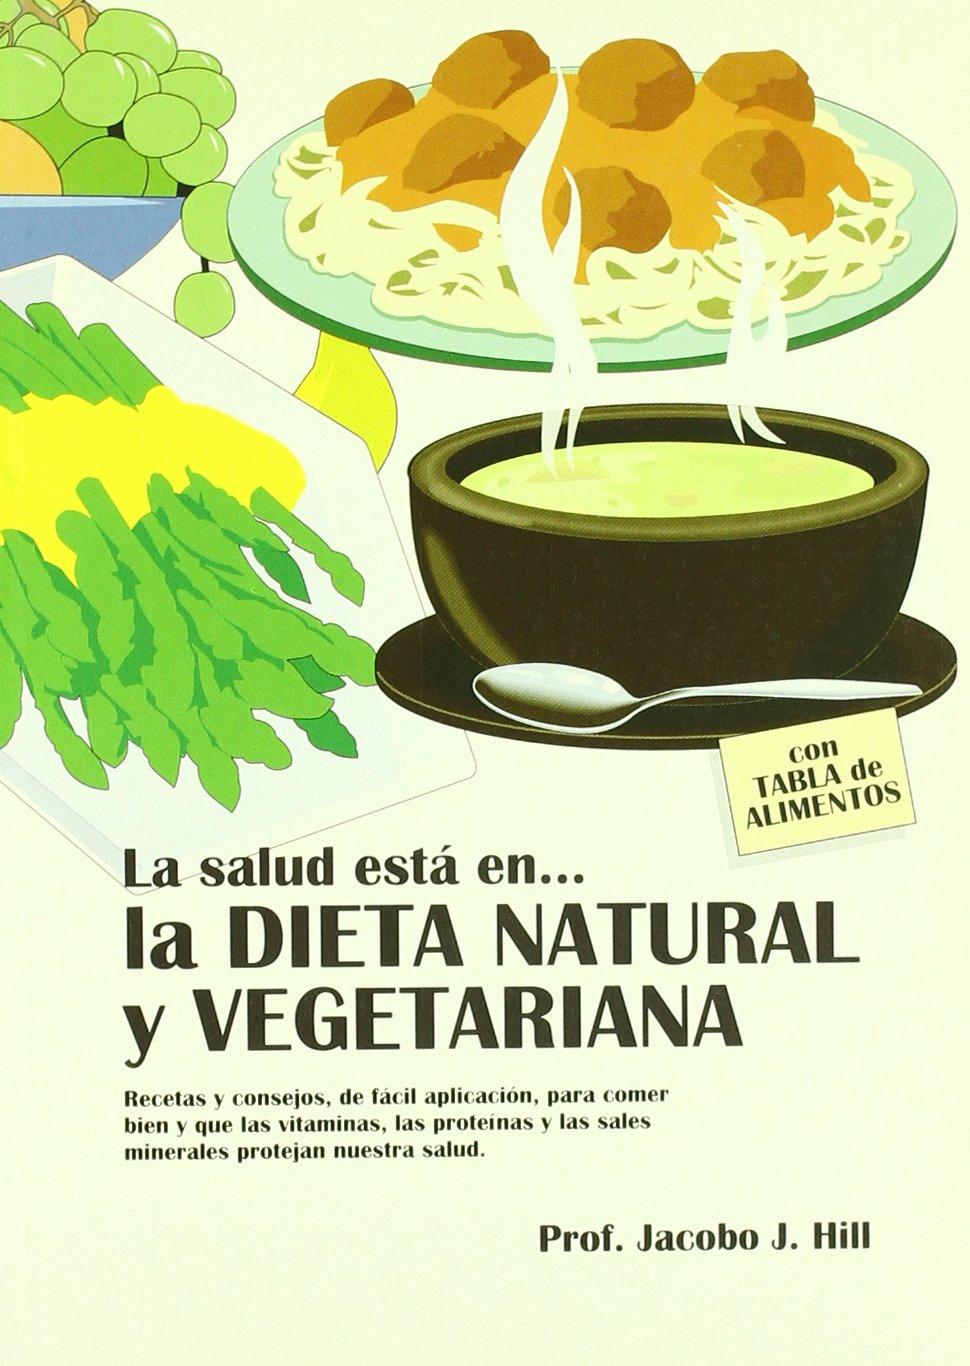 La dieta natural y vegetariana: Amazon.es: Hill, Jacobo: Libros